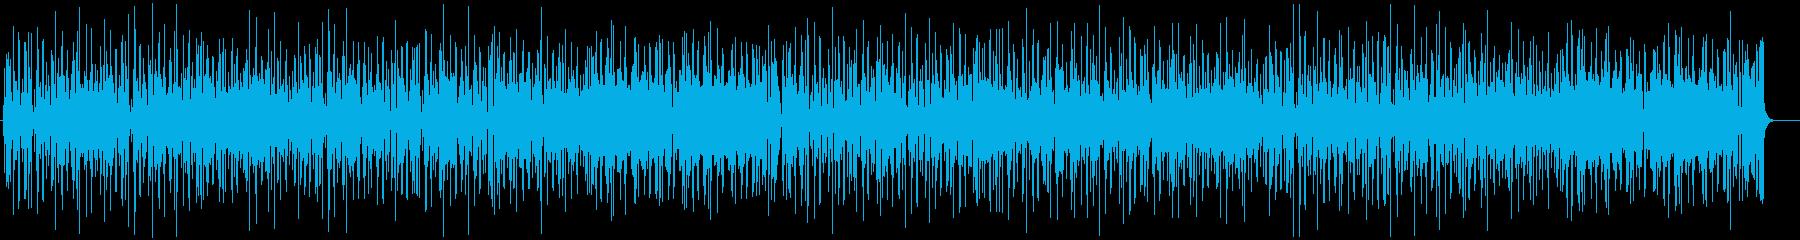 ファンキーでリズミカルなオルガンインストの再生済みの波形